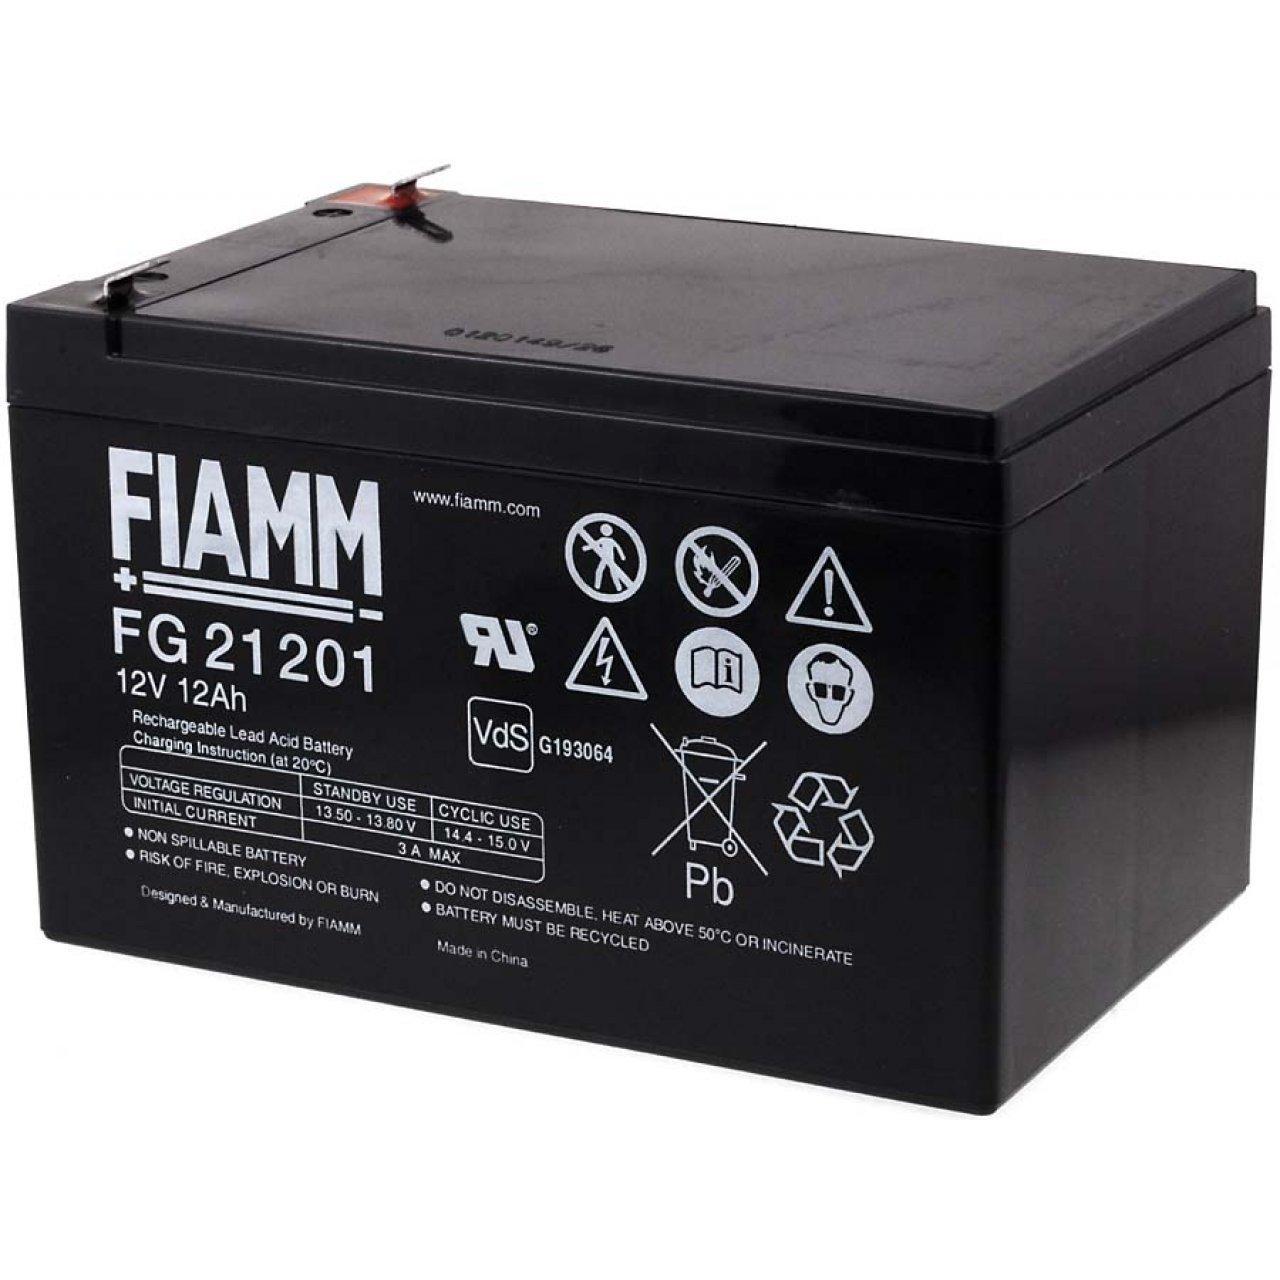 akku-net FIAMM Ersatzakku für APC Smart-UPS SC 620, 12V, Lead-Acid